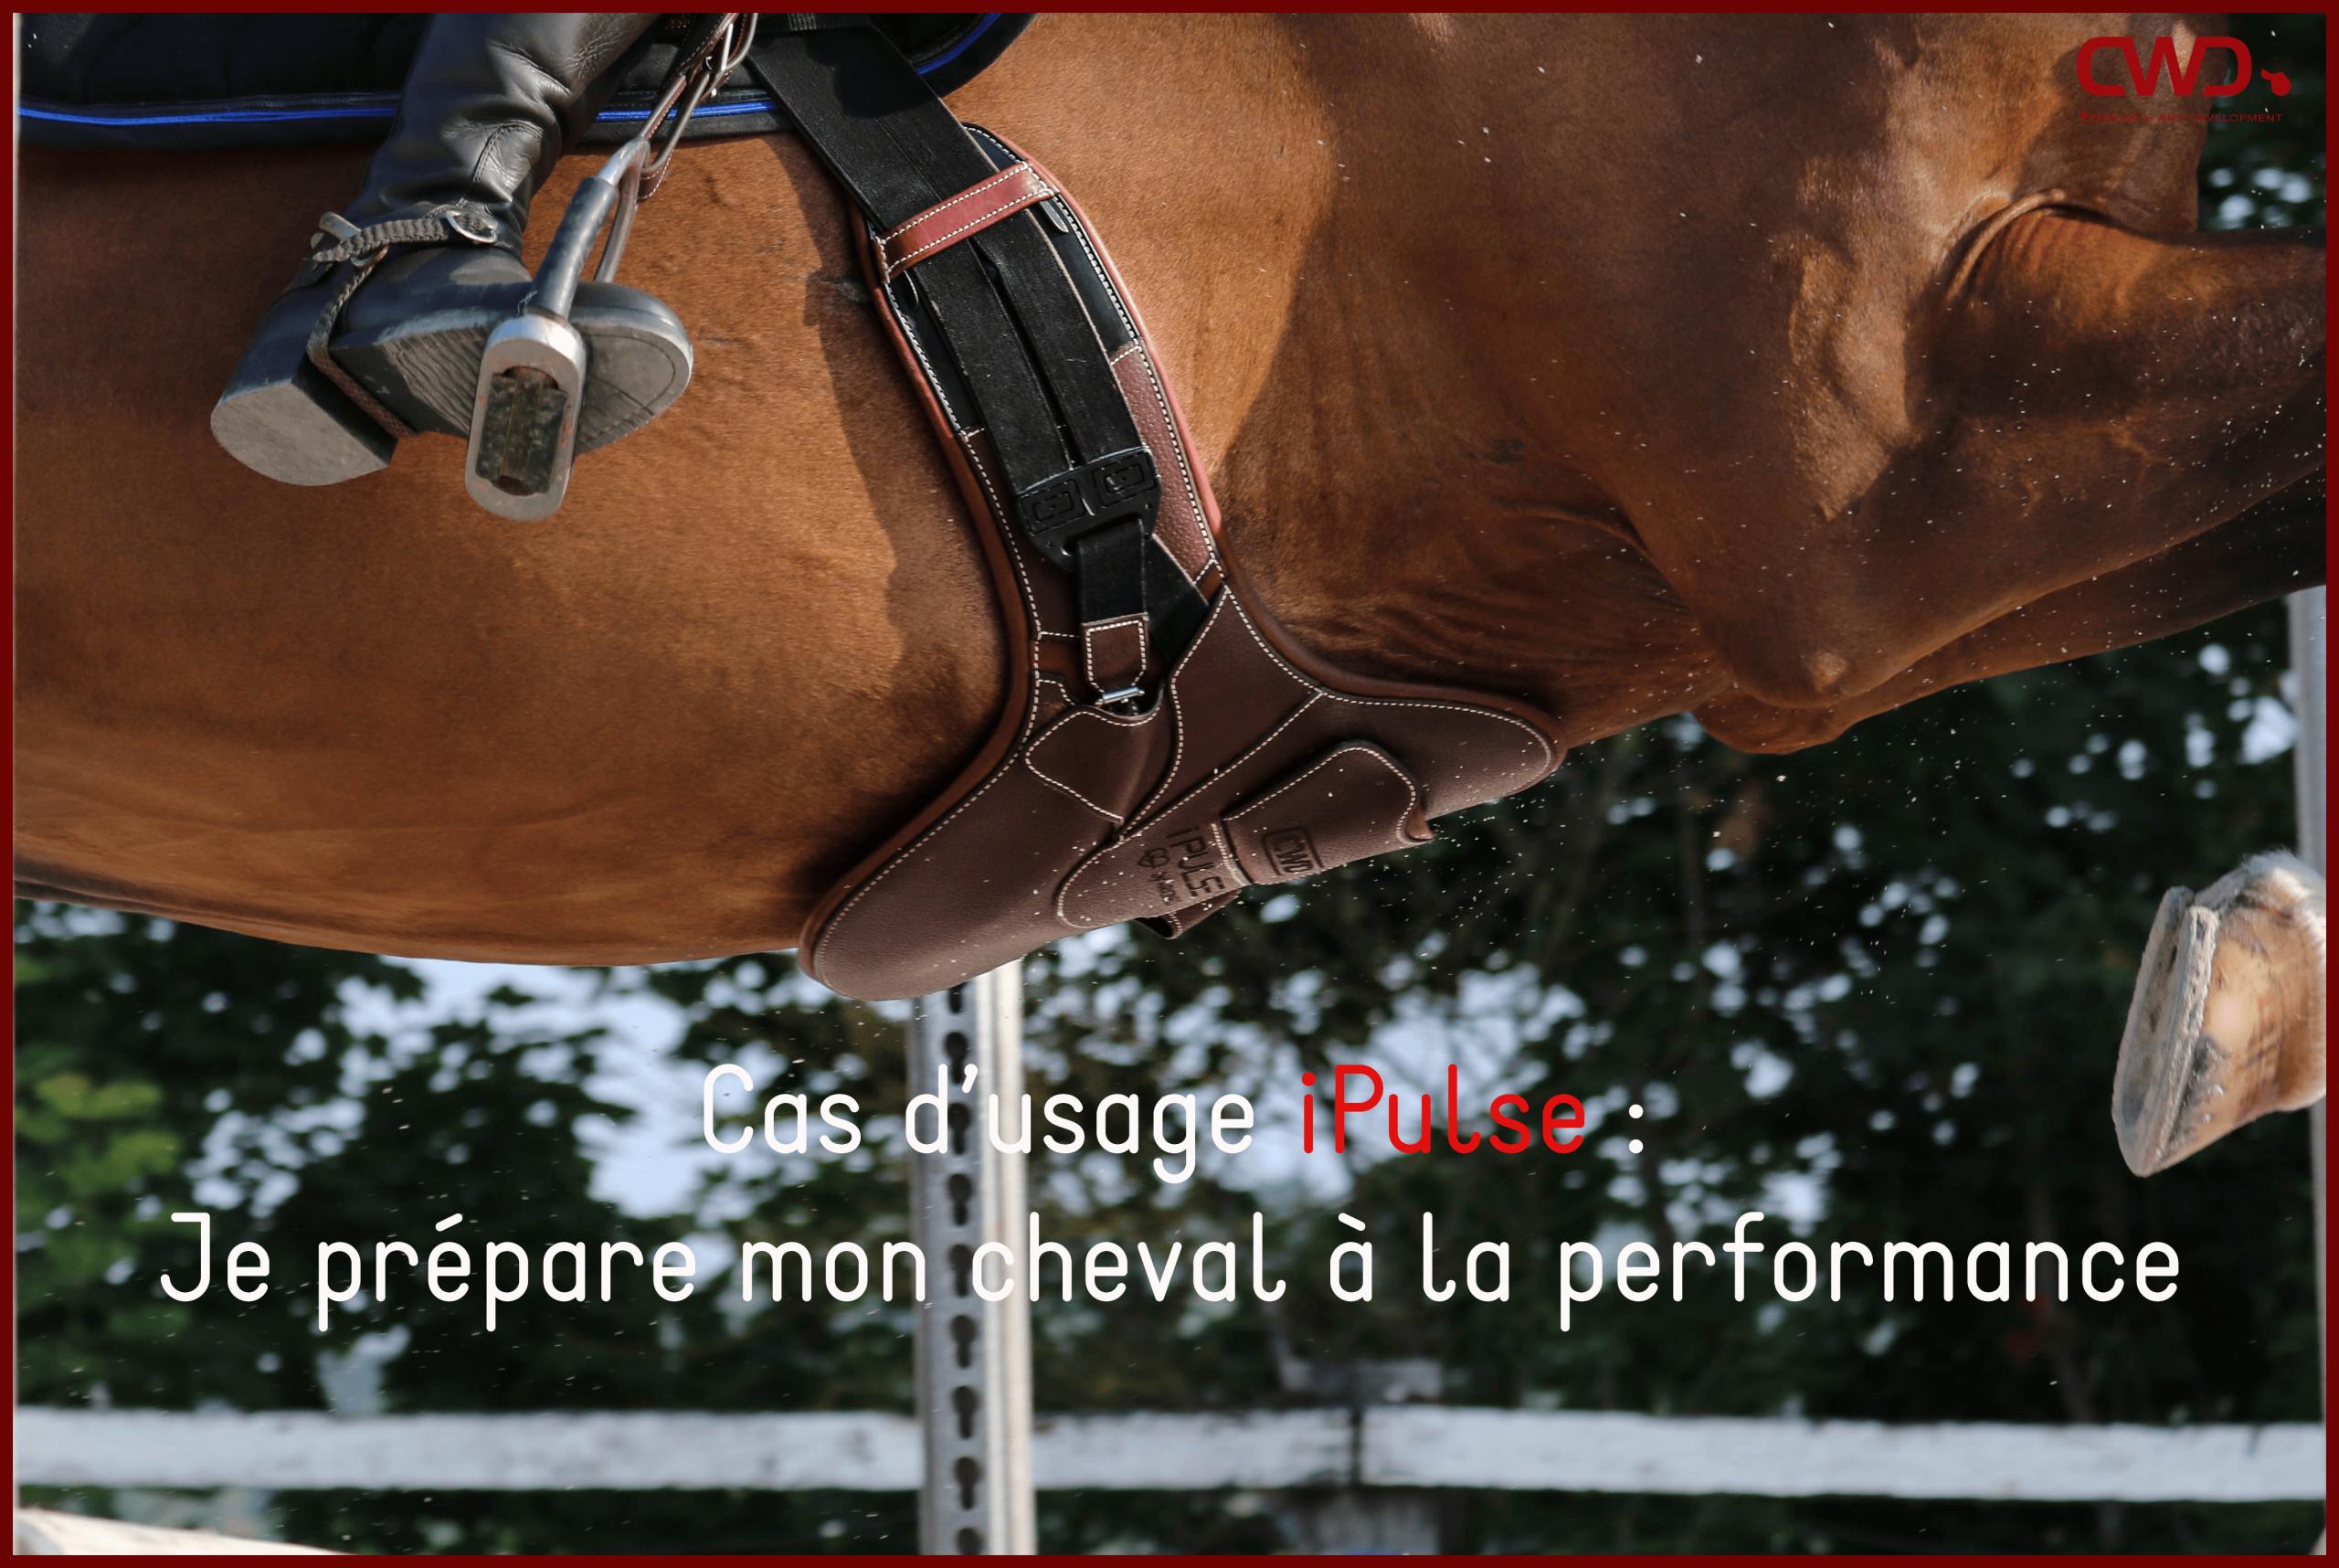 Je prépare mon cheval à la performance